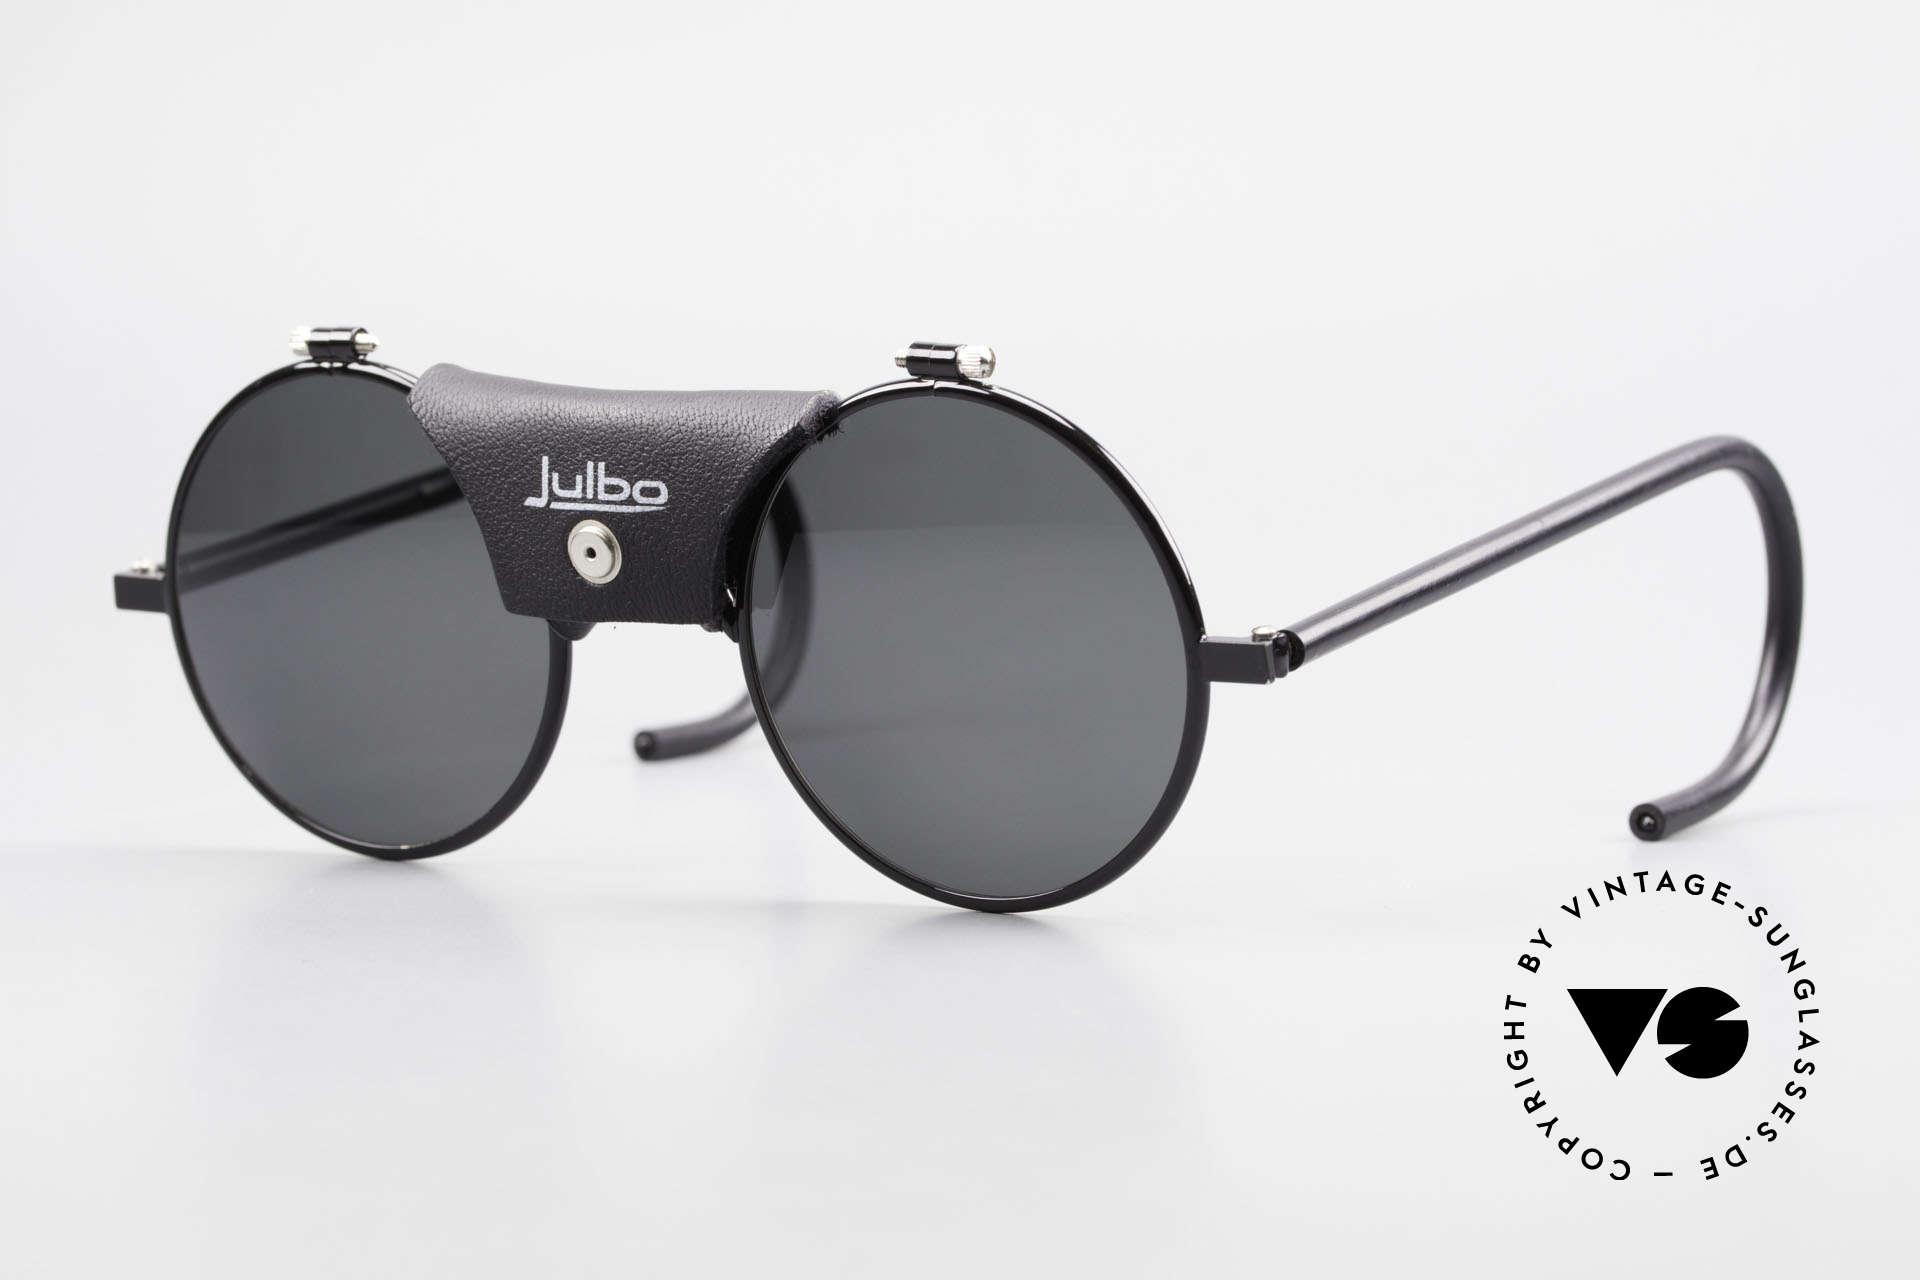 Julbo Vermont Runde Sport Sonnenbrille 90er, VINTAGE Sportbrille bzw. Gletscherbrille von JULBO, Passend für Herren